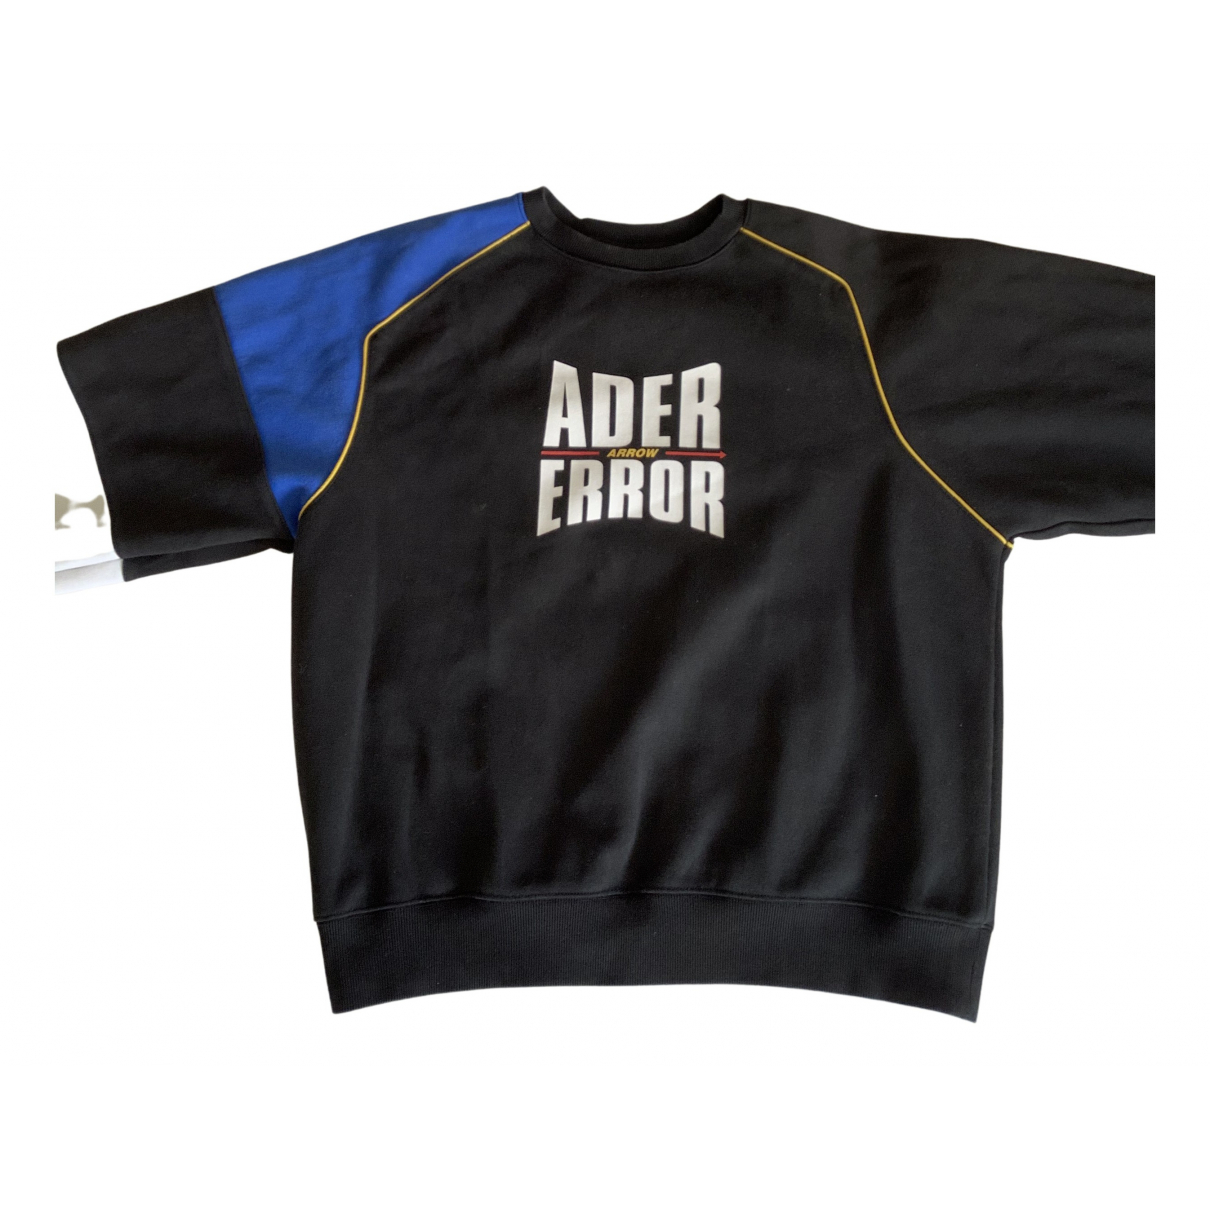 Ader Error Black Cotton Knitwear & Sweatshirt